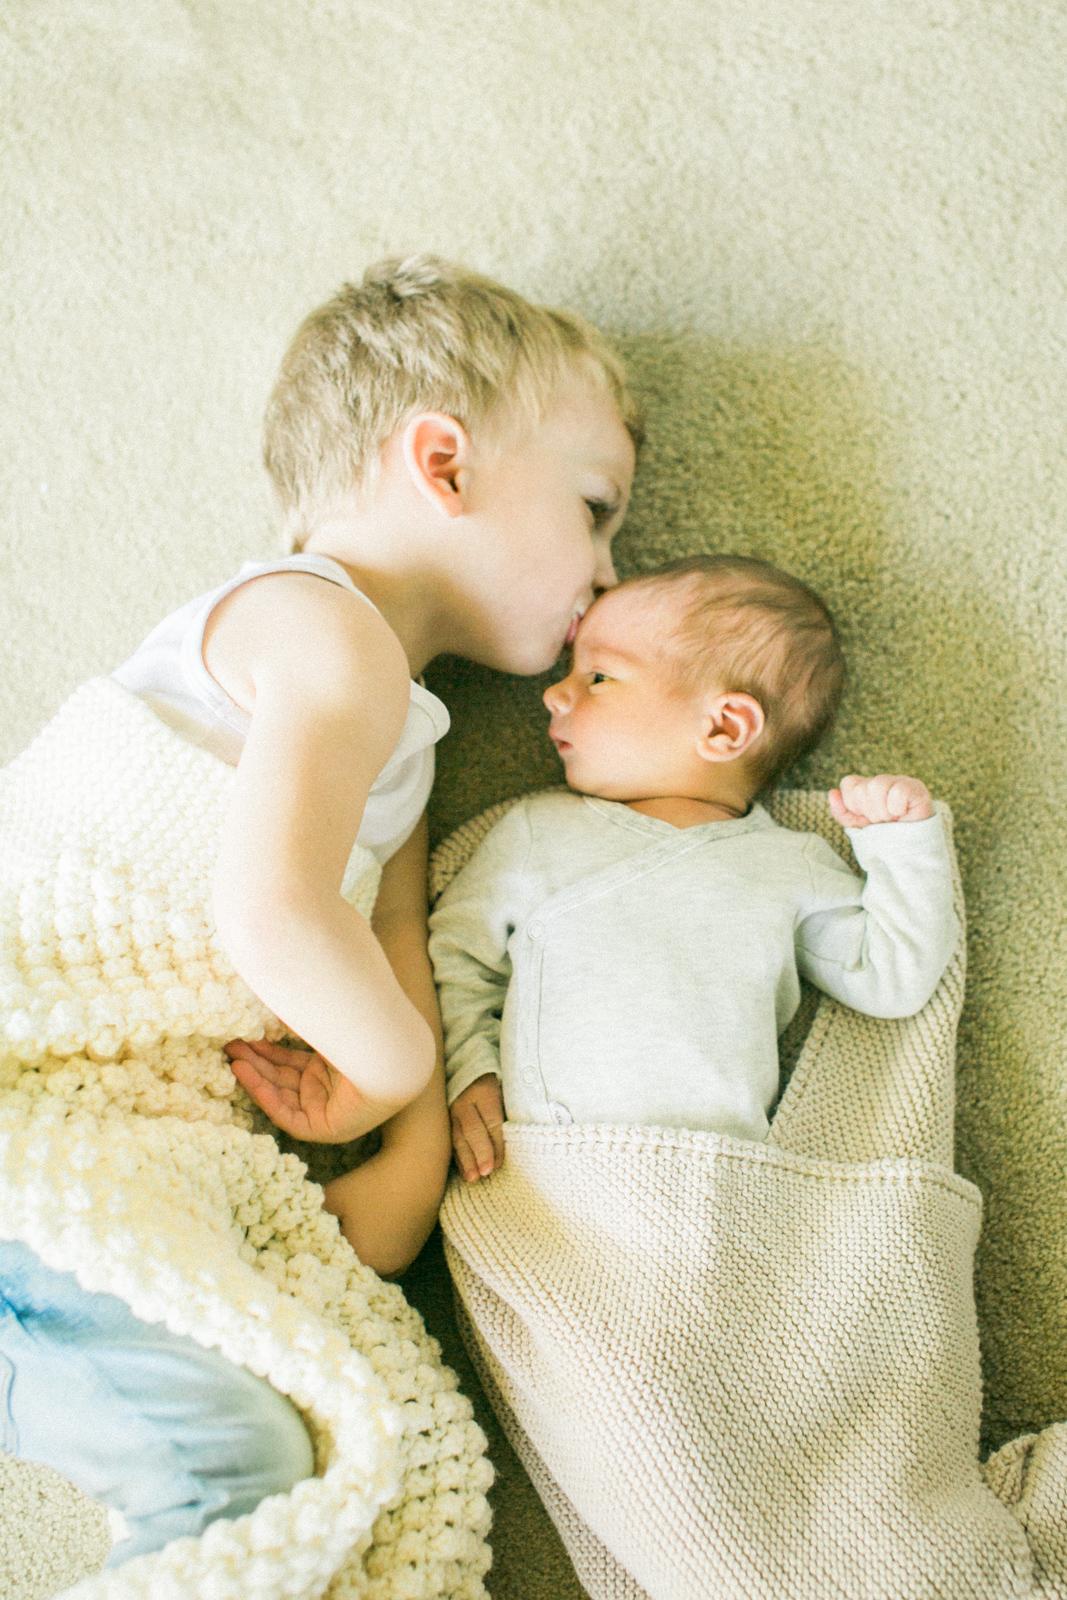 boise-newborn-photographer-4.jpg